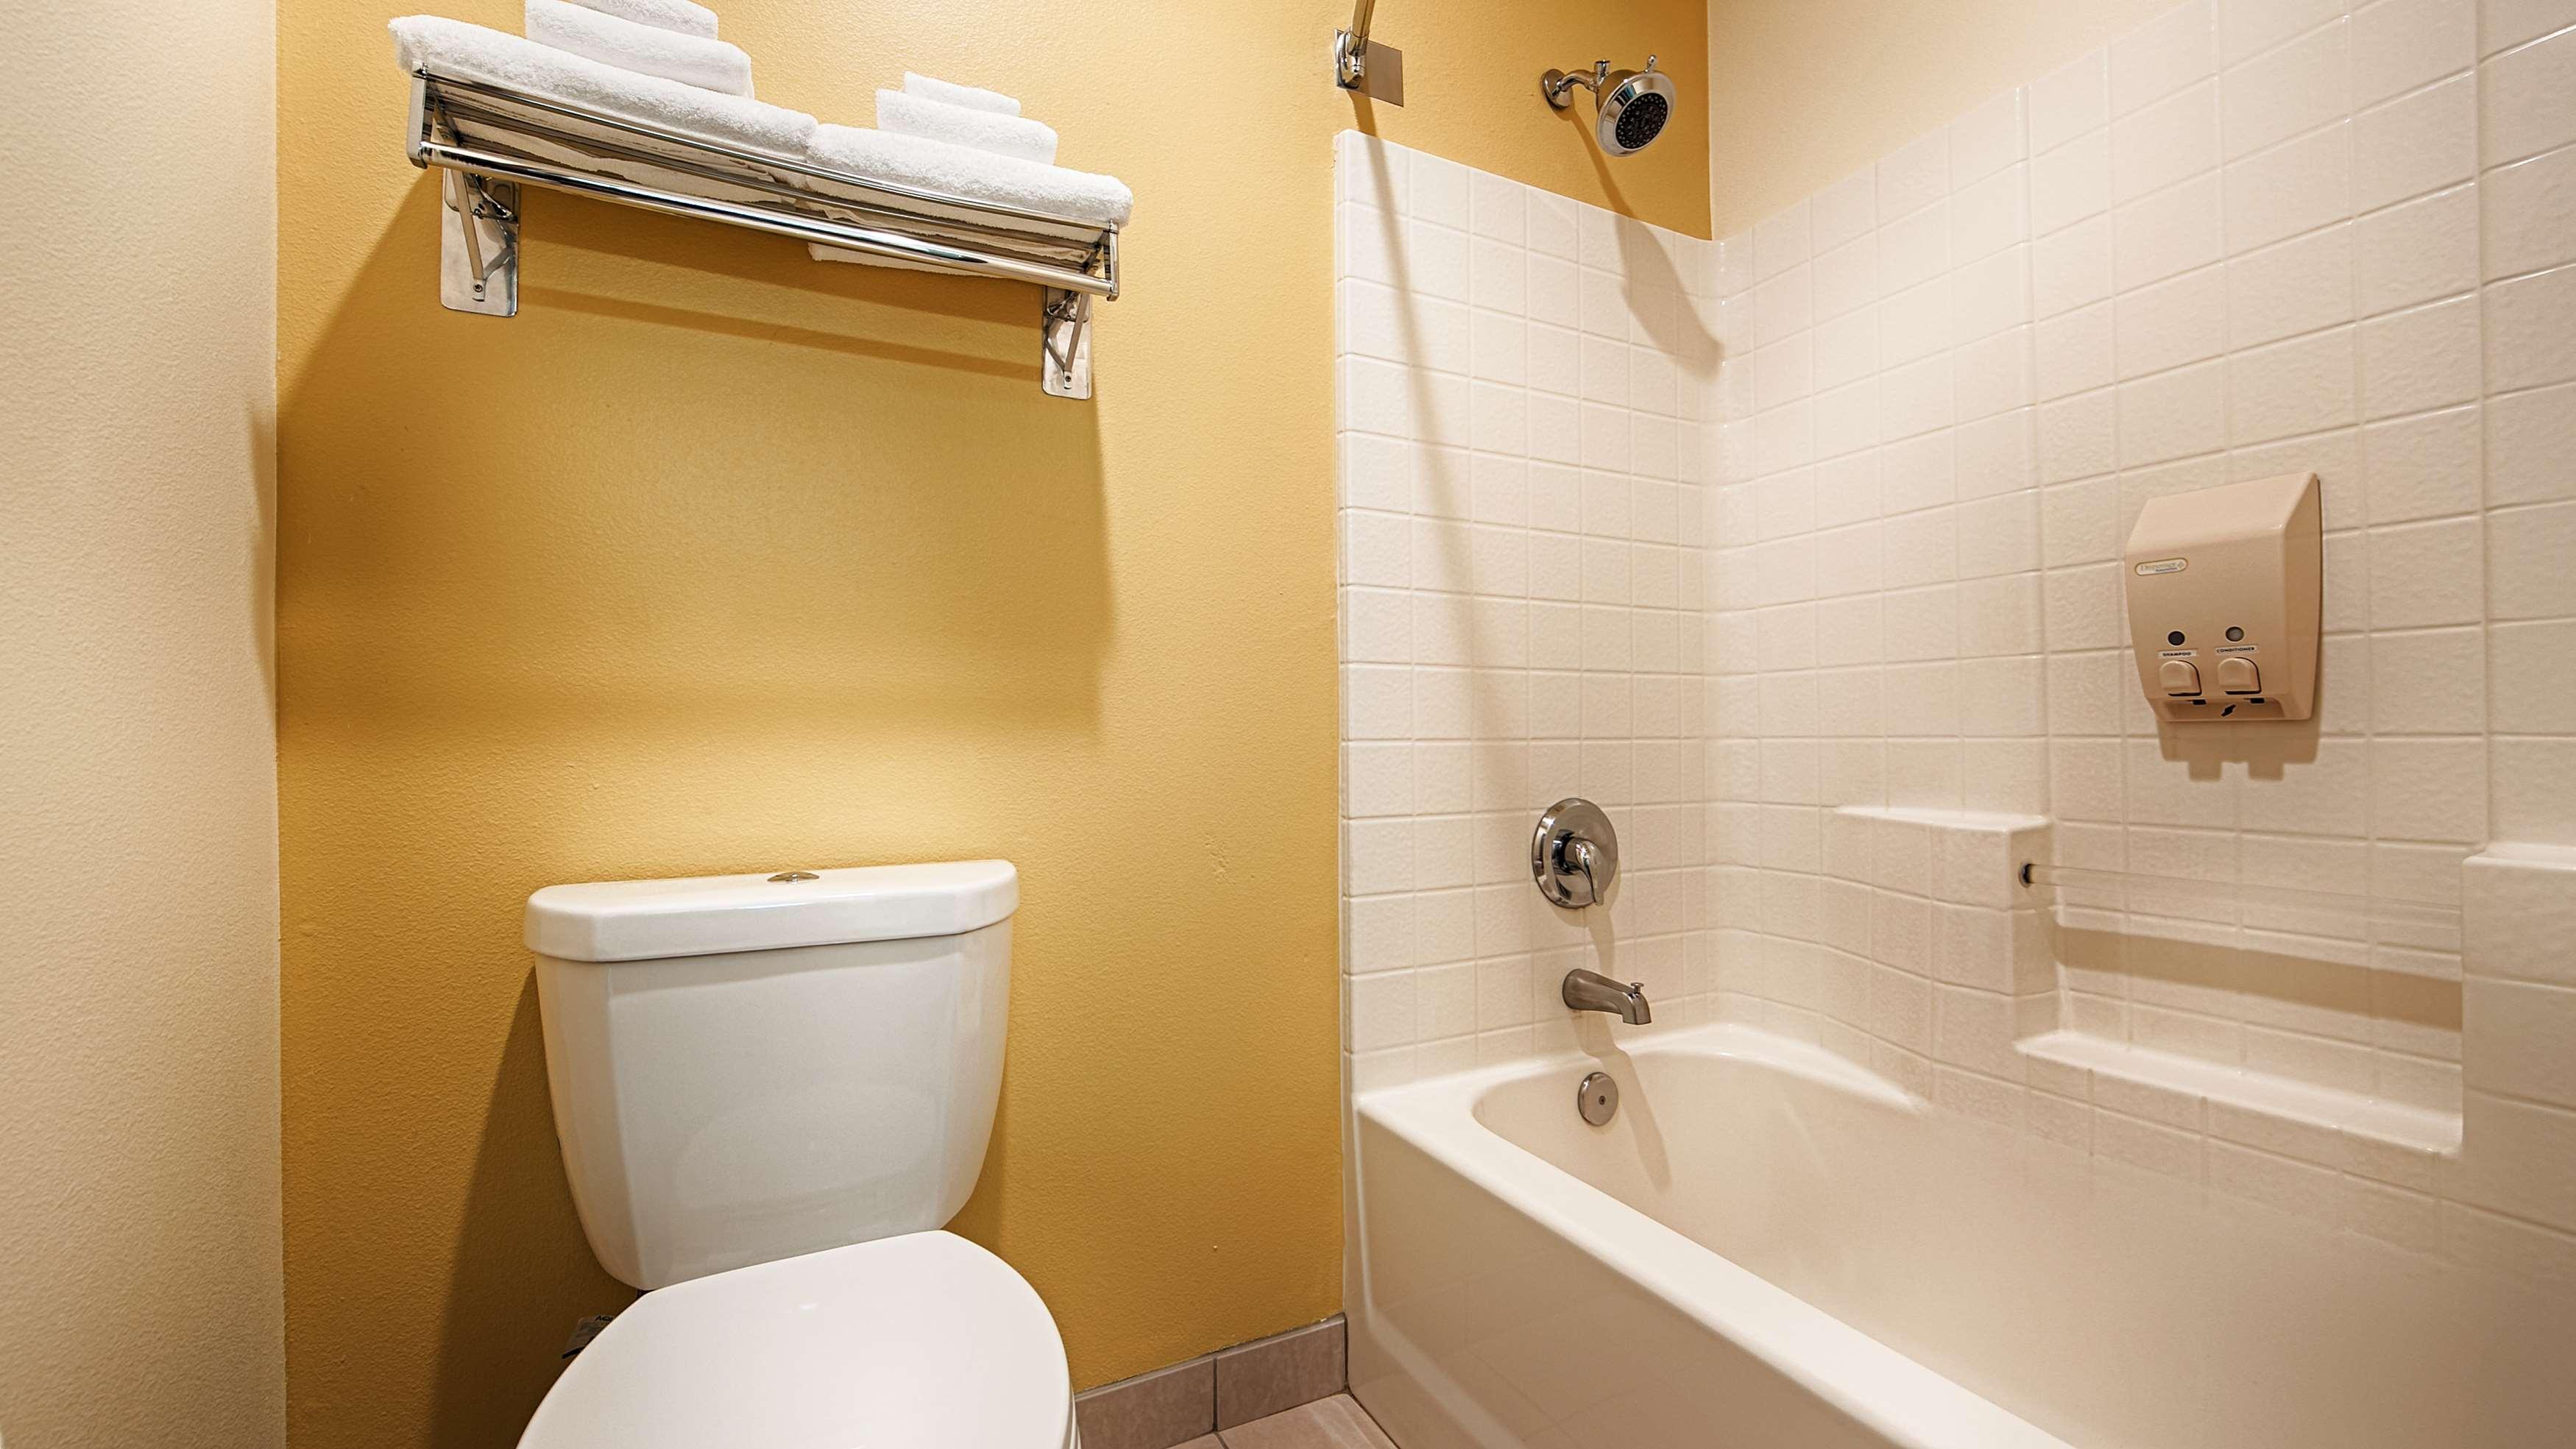 Best Western Plus Park Place Inn & Suites image 17